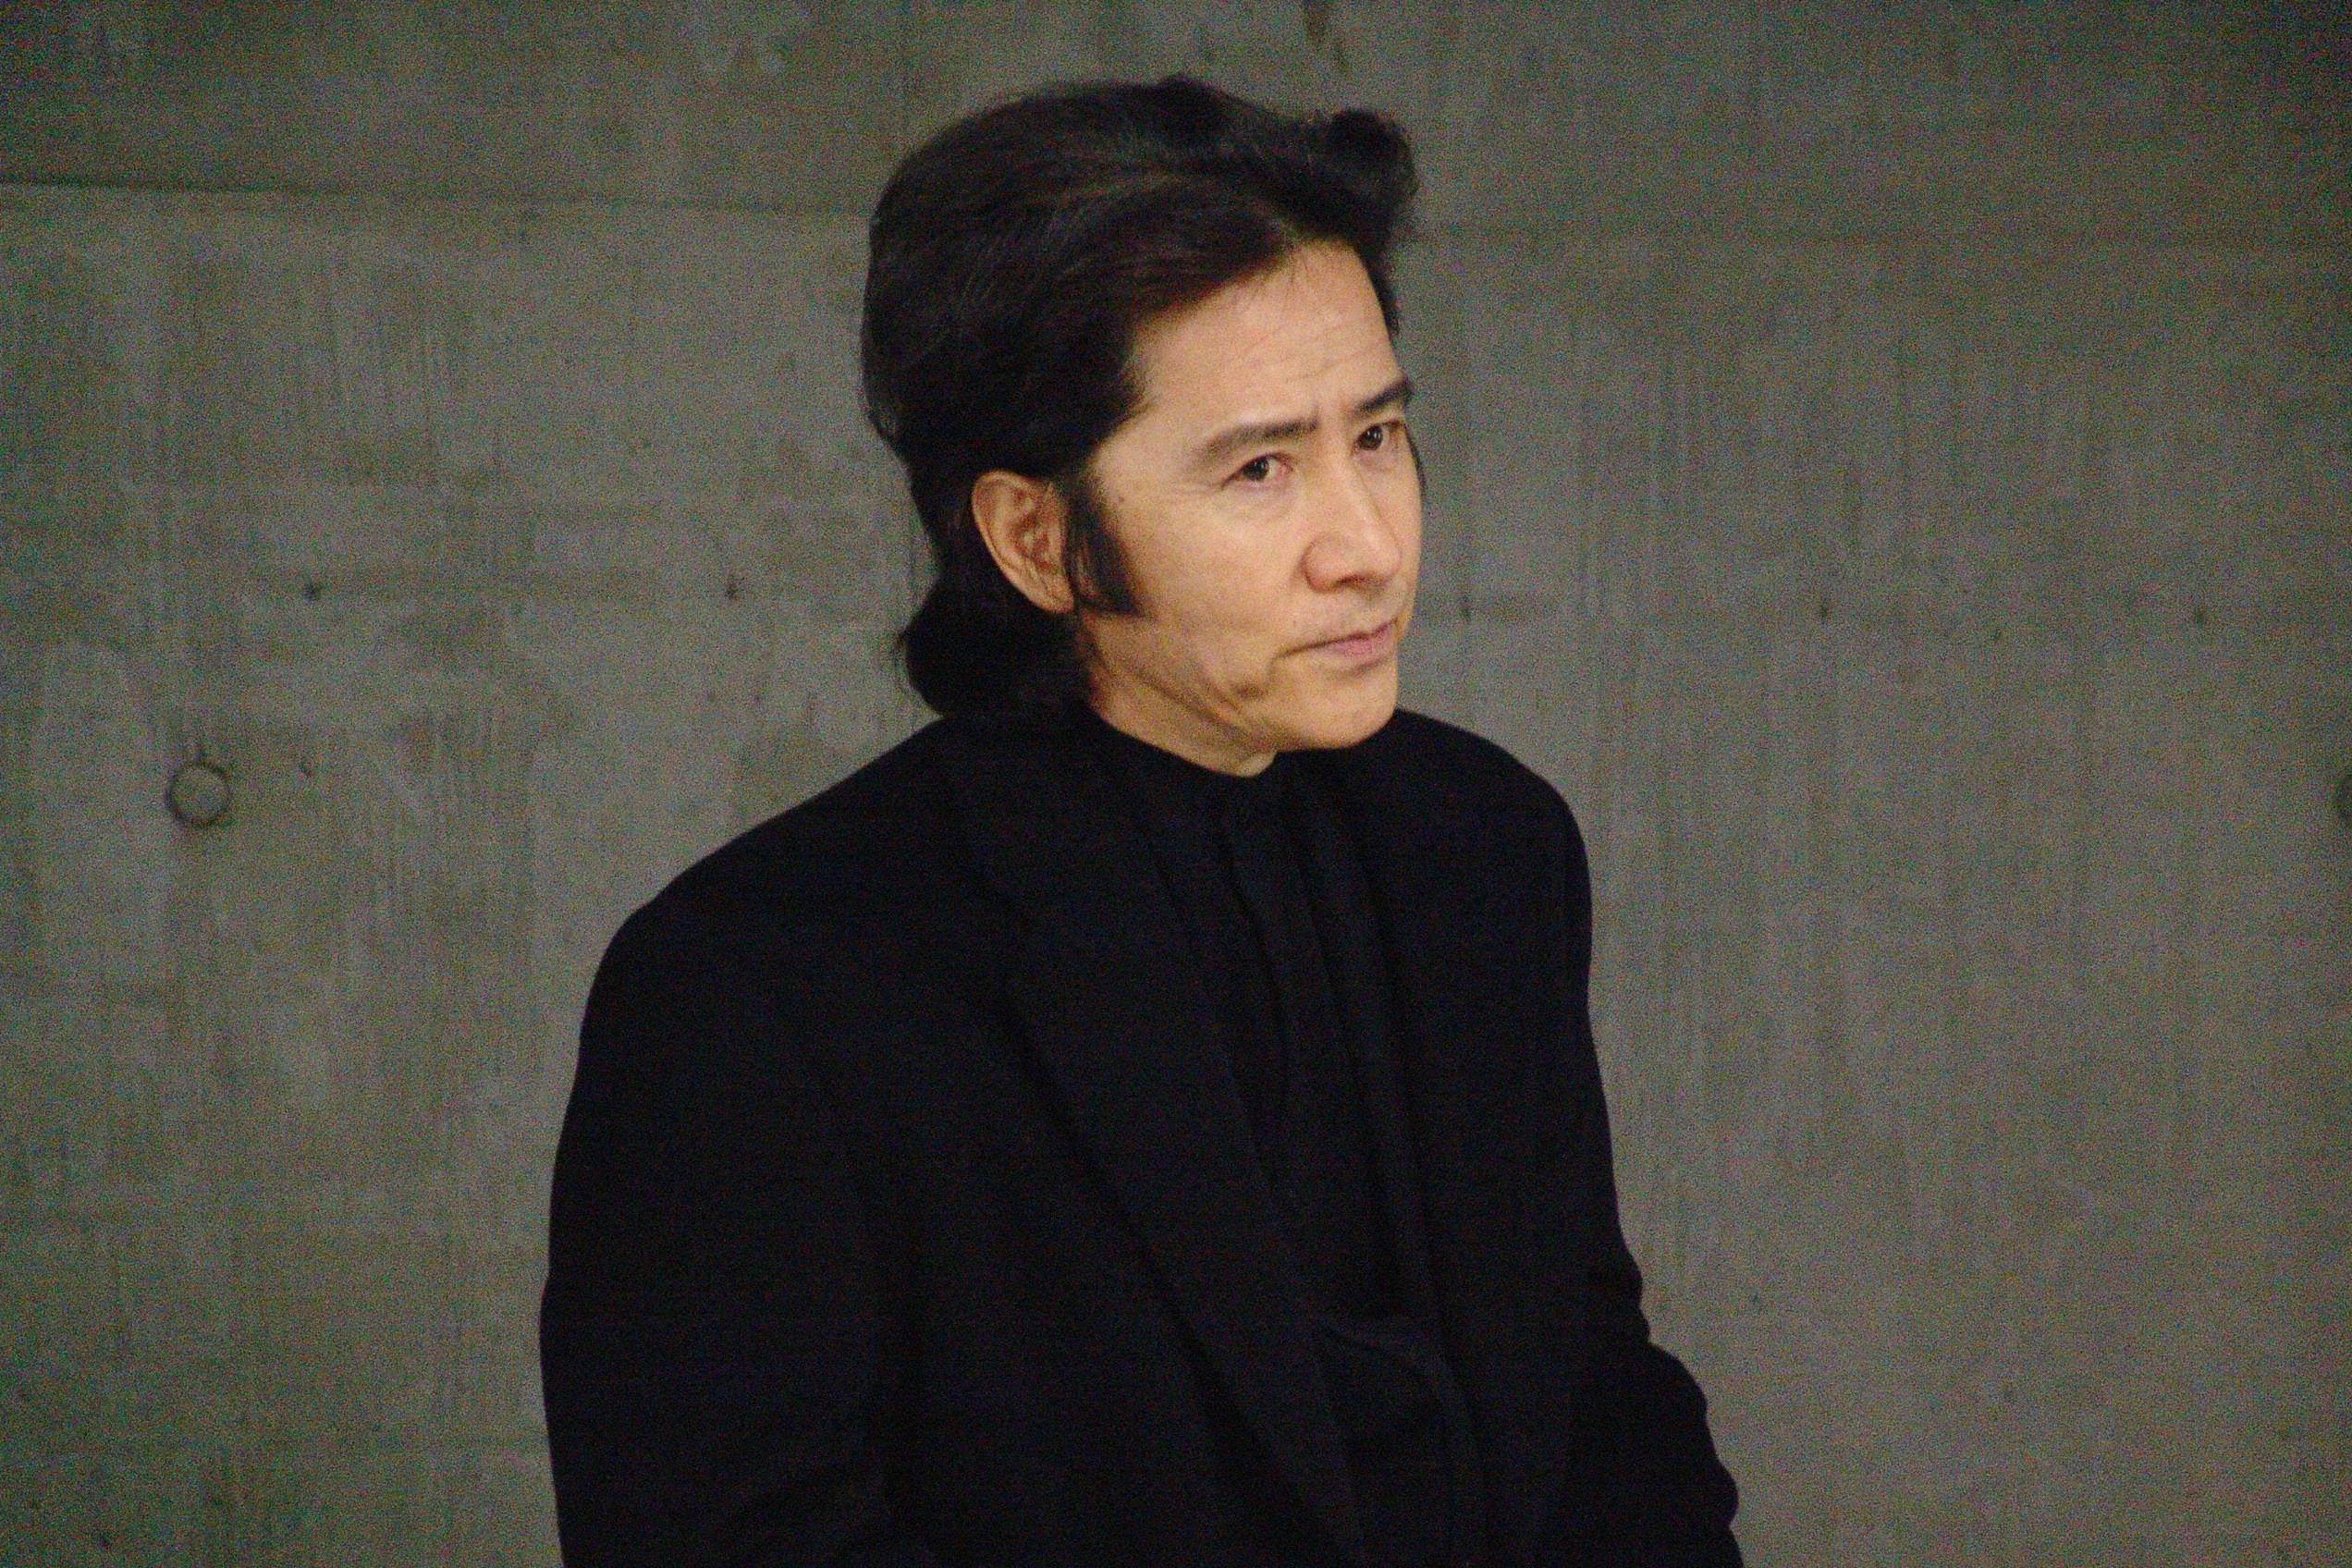 【古畑任三郎】スペシャルドラマの神回といえば?【人気投票実施中】   ねとらぼ調査隊